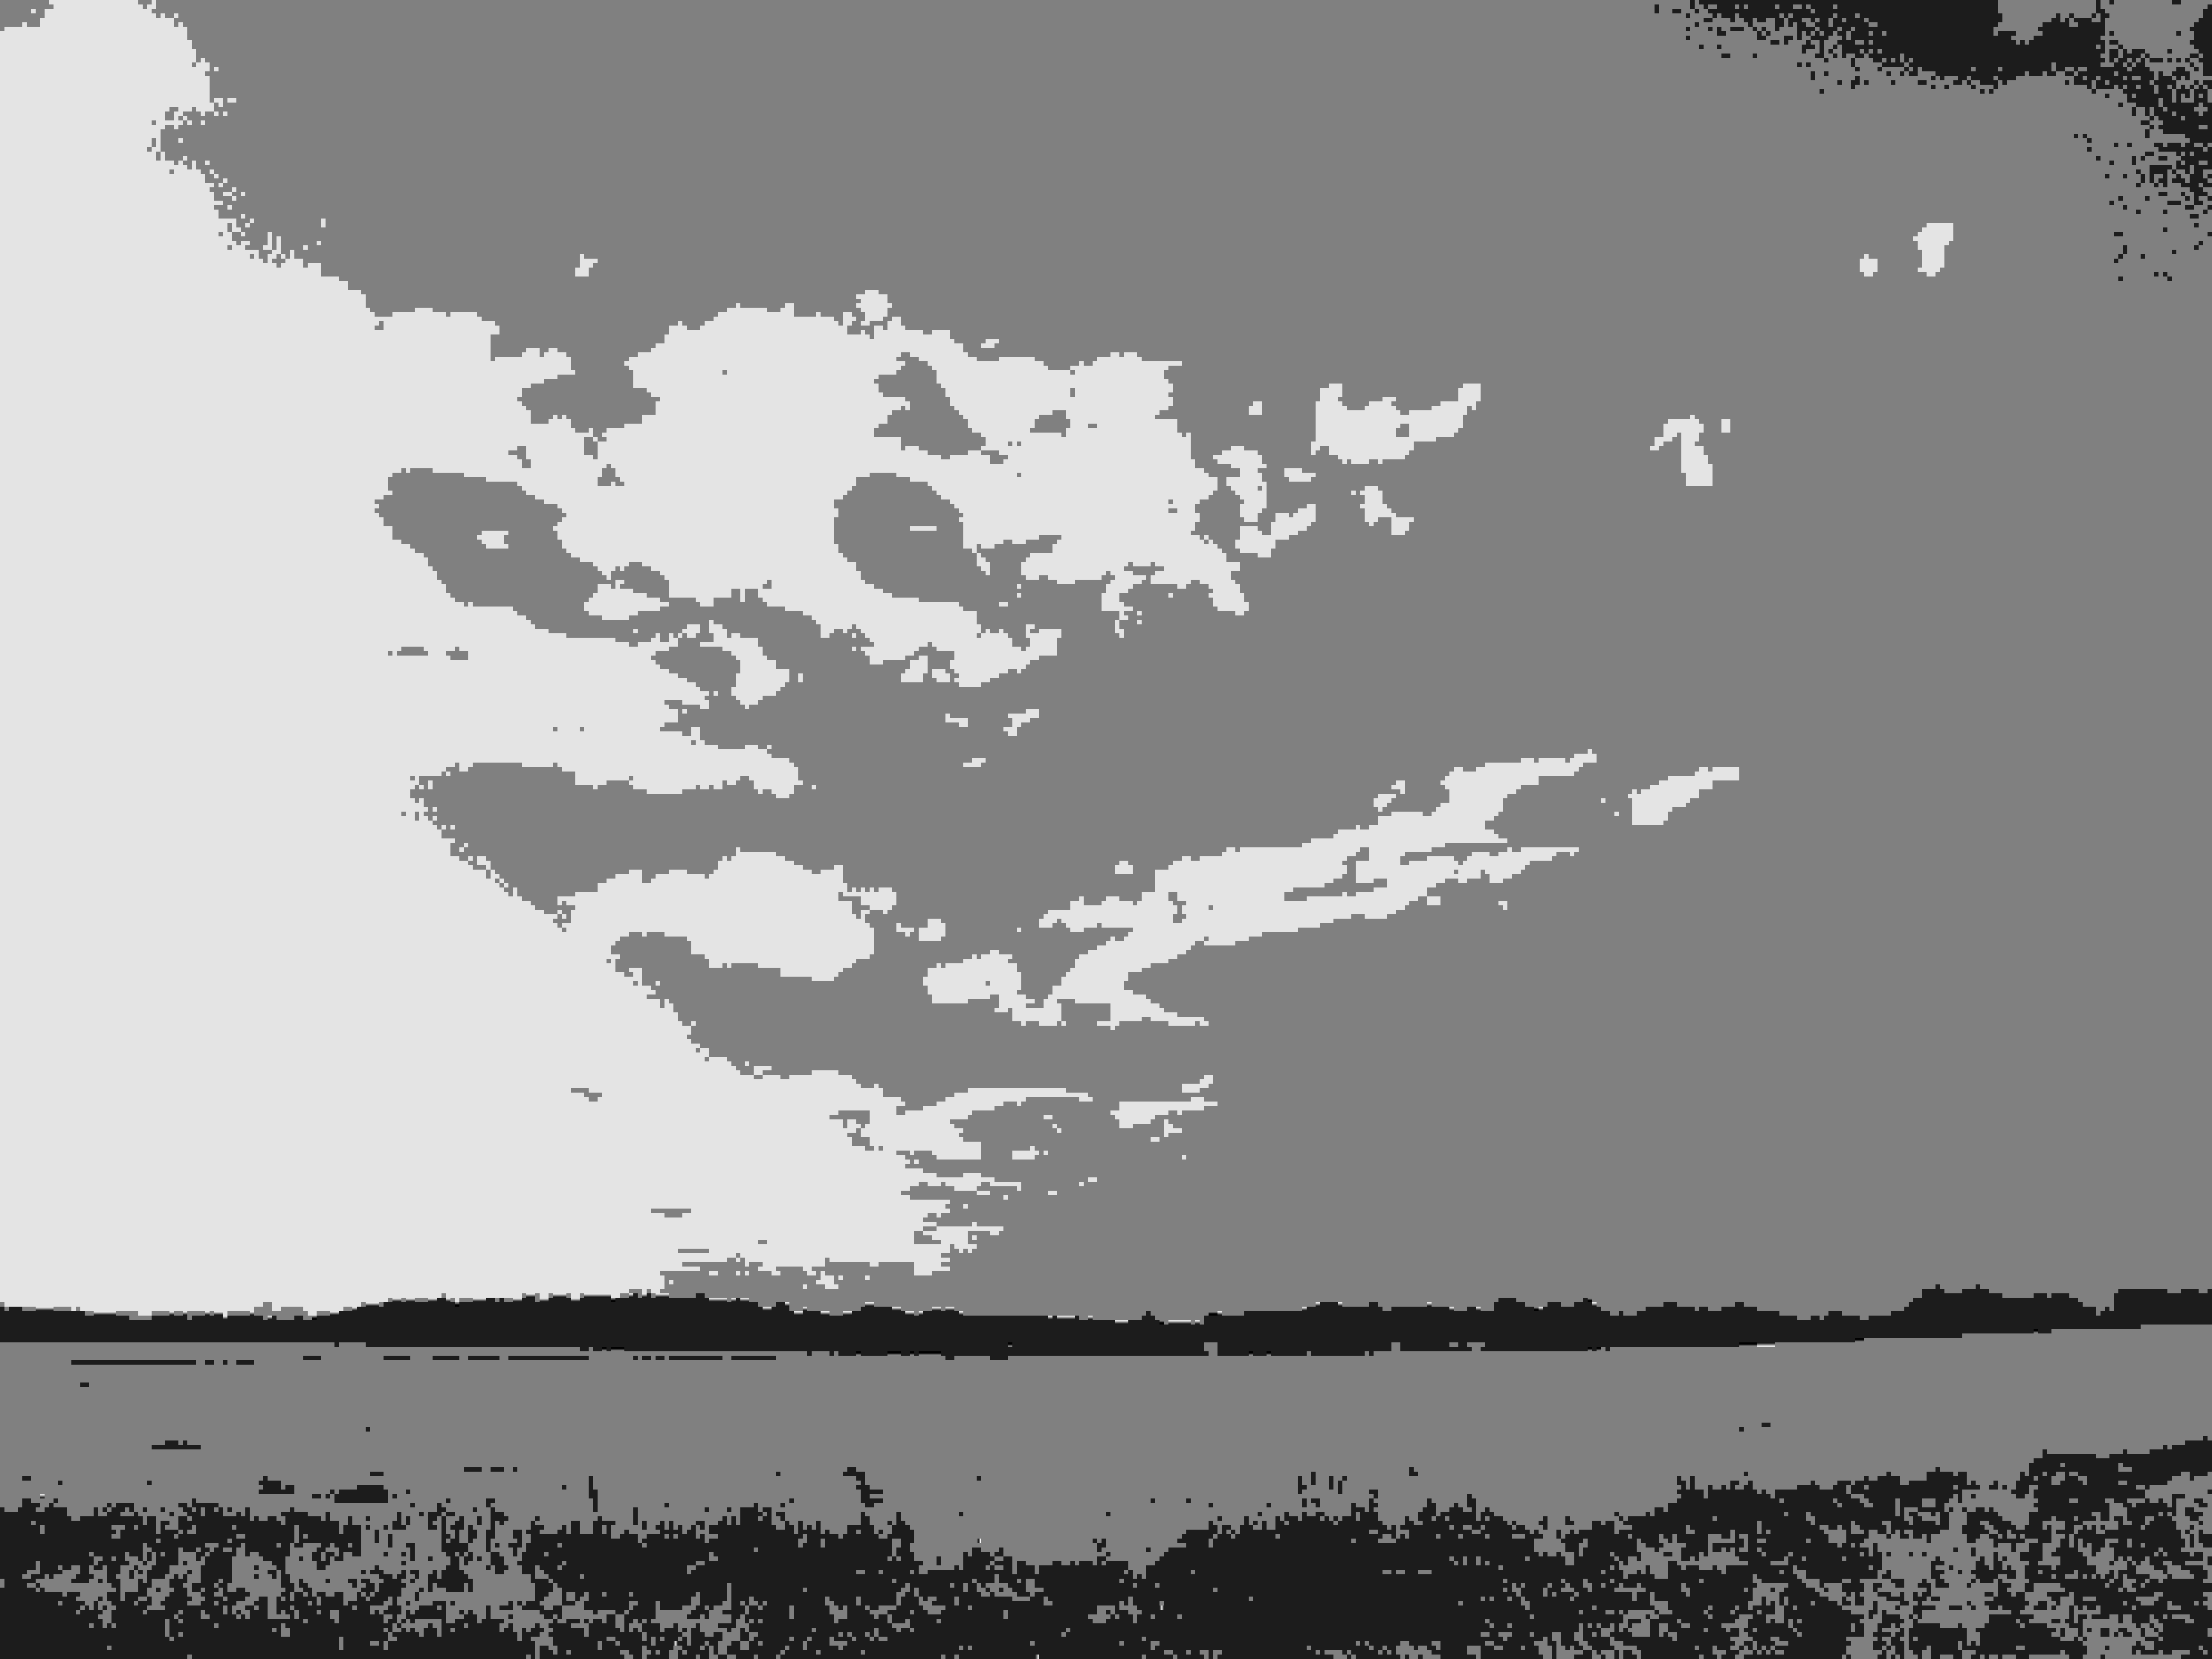 2011: le 13/07 -  - Une soucoupe volante - saint loup des bois 58200 (nievre)  P7150010